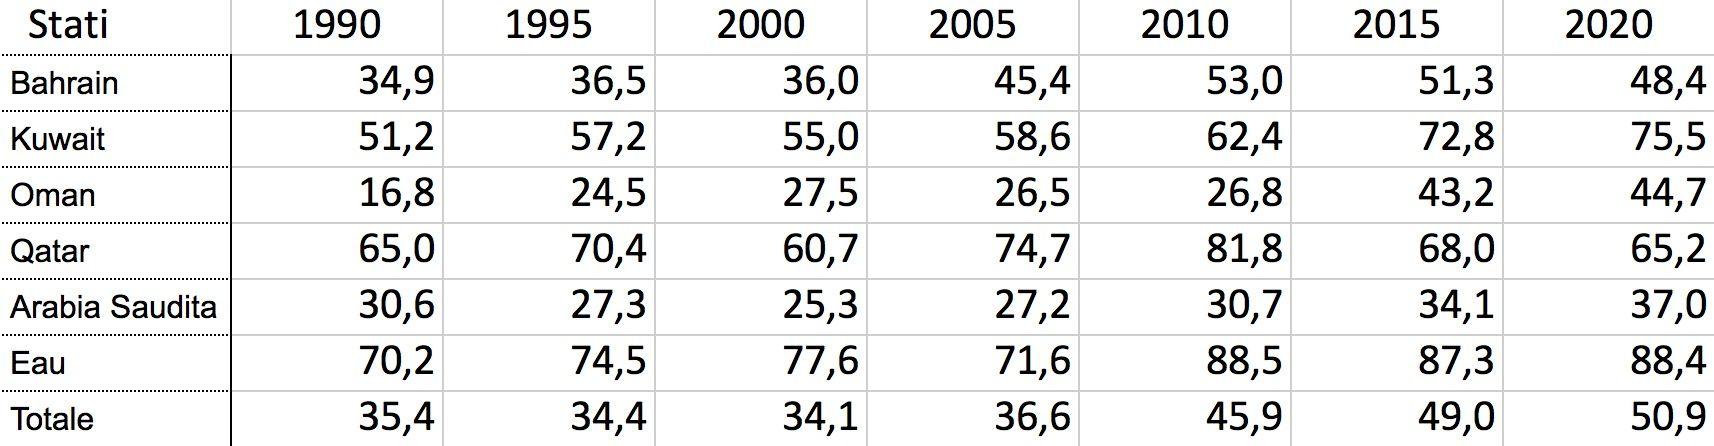 Tabella 2 - Stranieri per 100 abitanti negli Stati del Golfo, 1990-2017. Fonte: Nazioni Unite, World Population Prospects, the 2017 Revision, https://population.un.org/wpp/